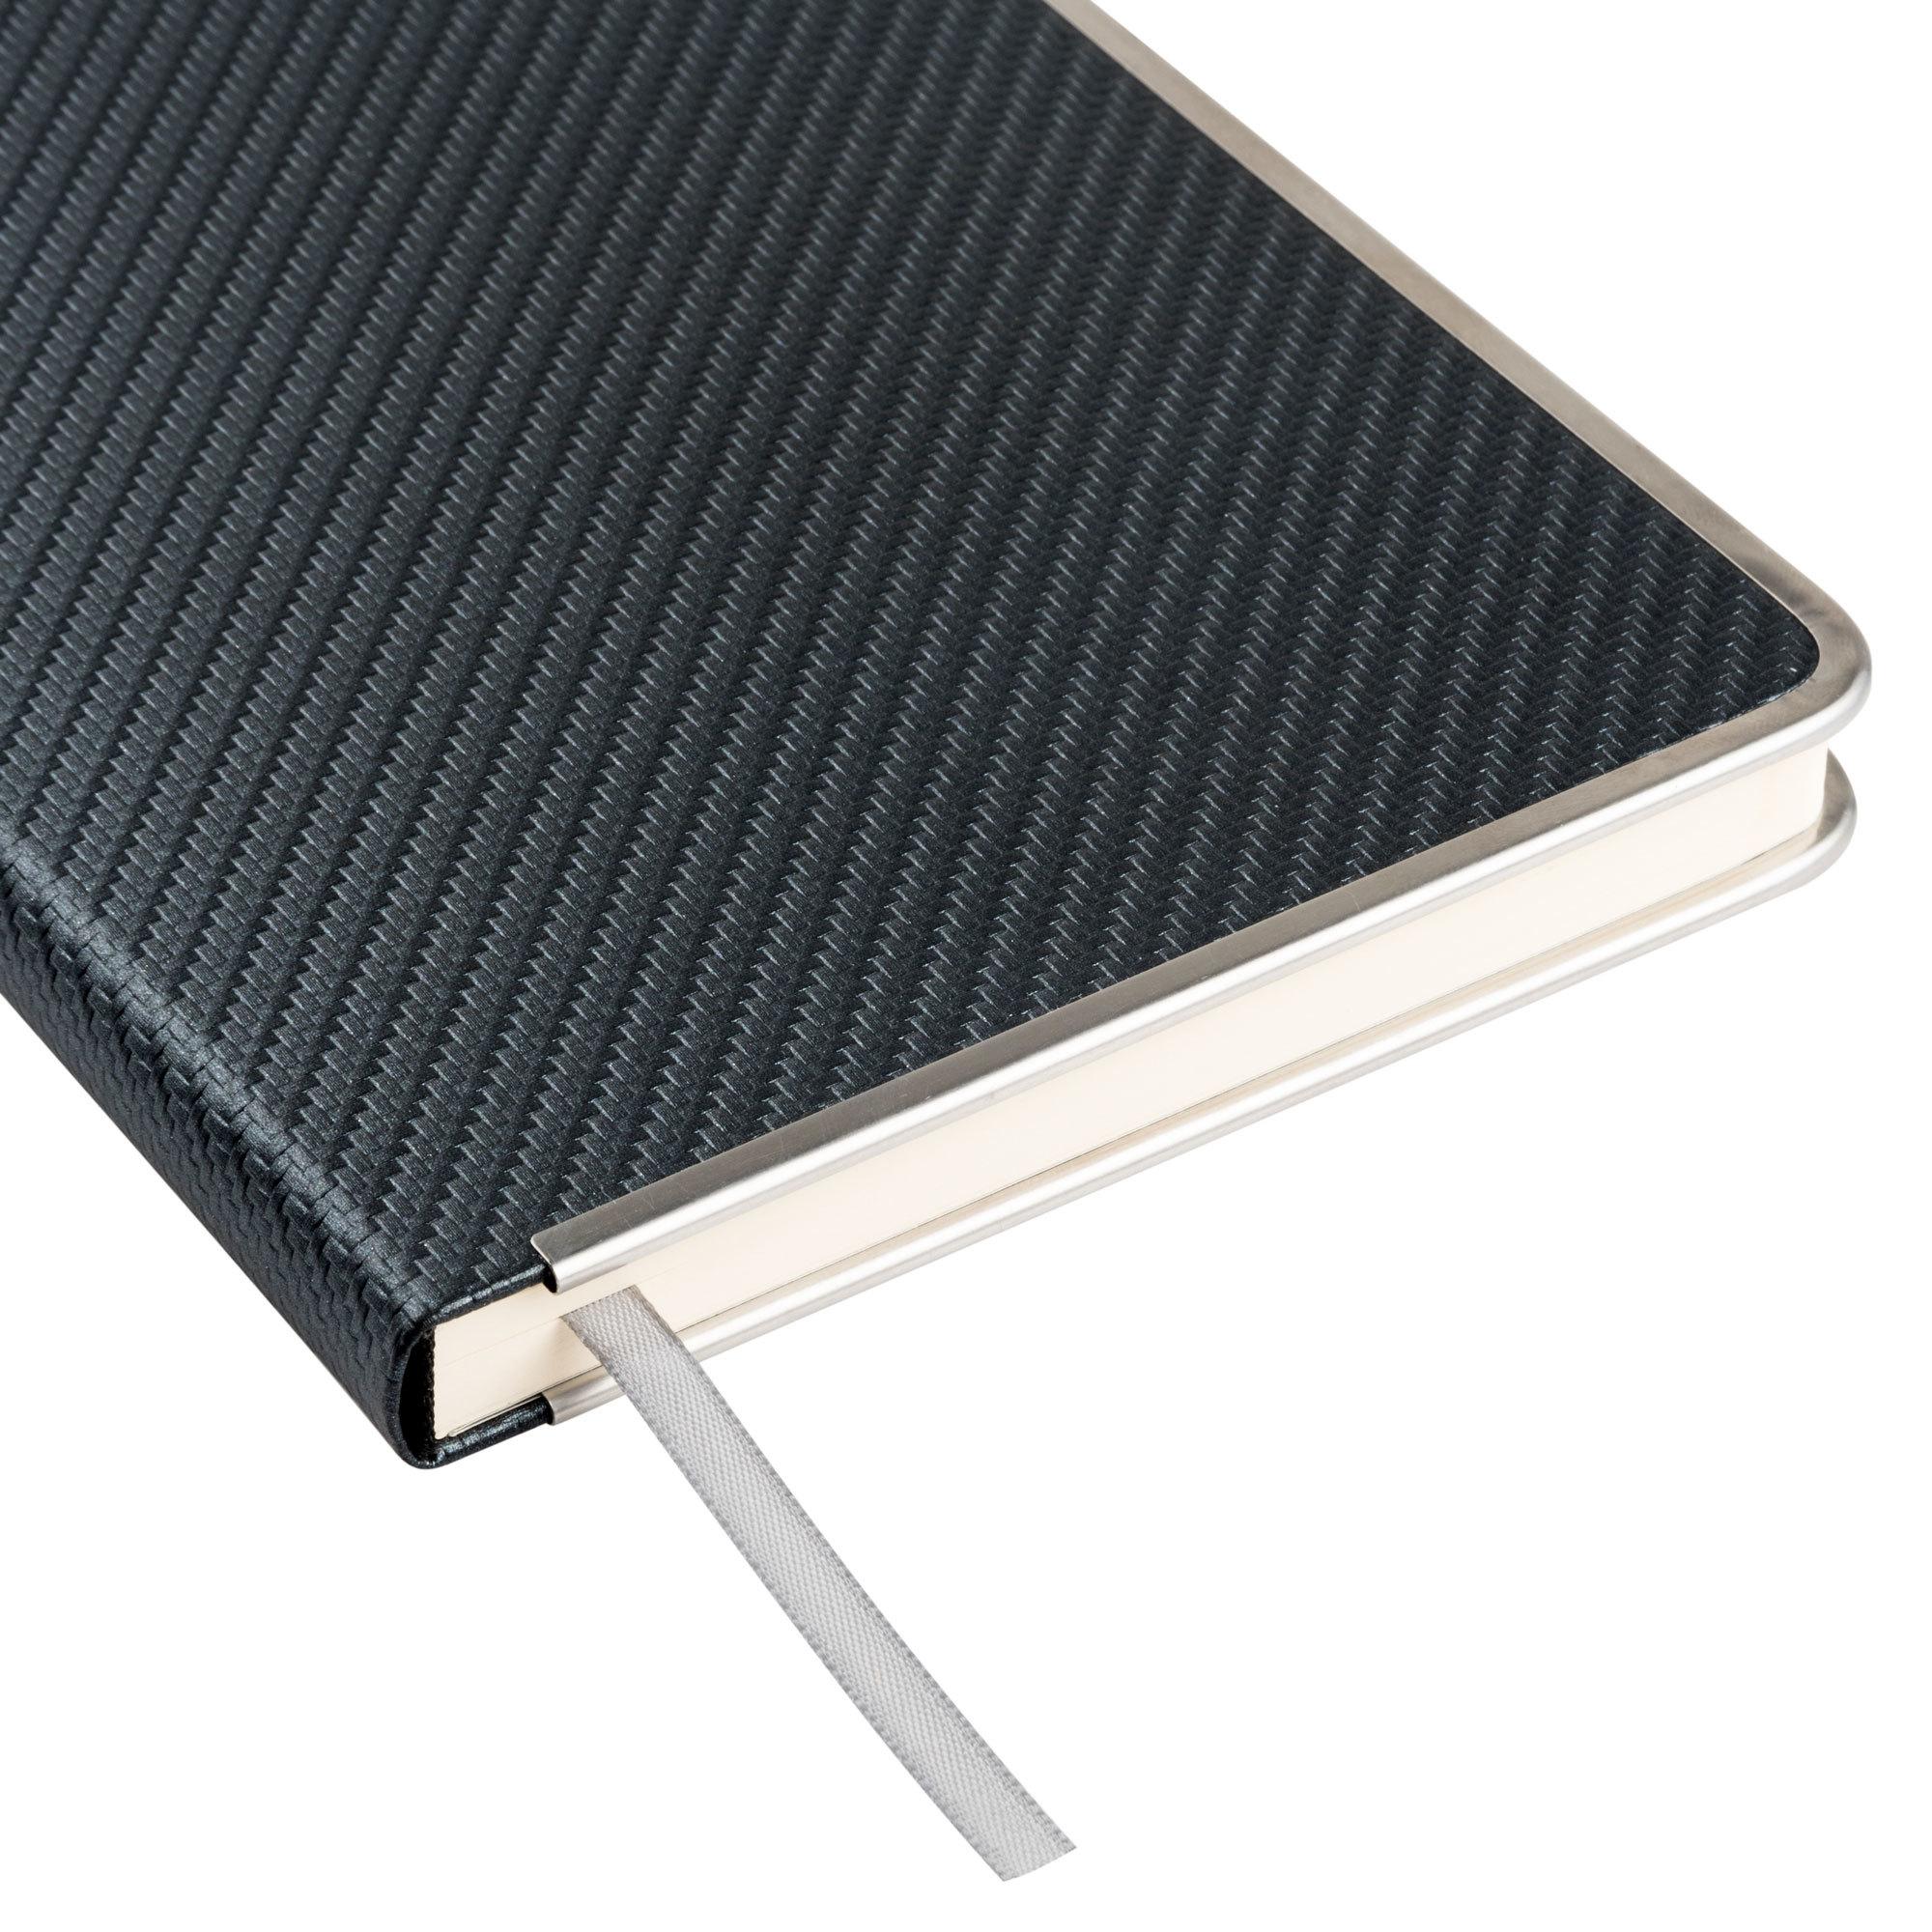 Ежедневник недатированный, Portobello Trend, Carbon , 145х210, 256 стр, черный